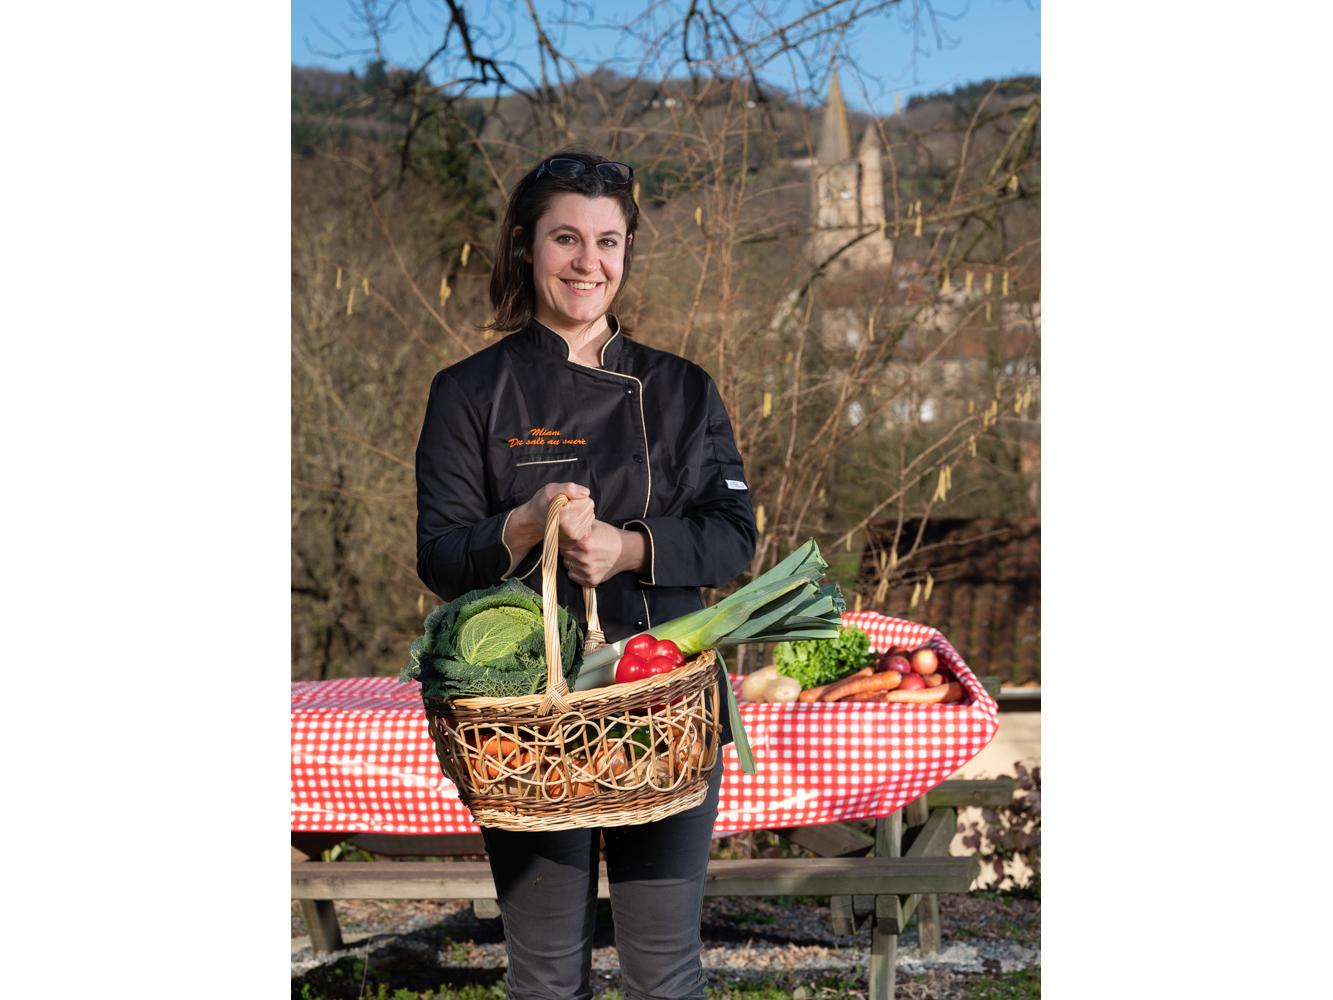 Christelle, Traiteur Saint Amans Soult usagers voie verte Parc naturel Haut-Languedoc région Occitanie